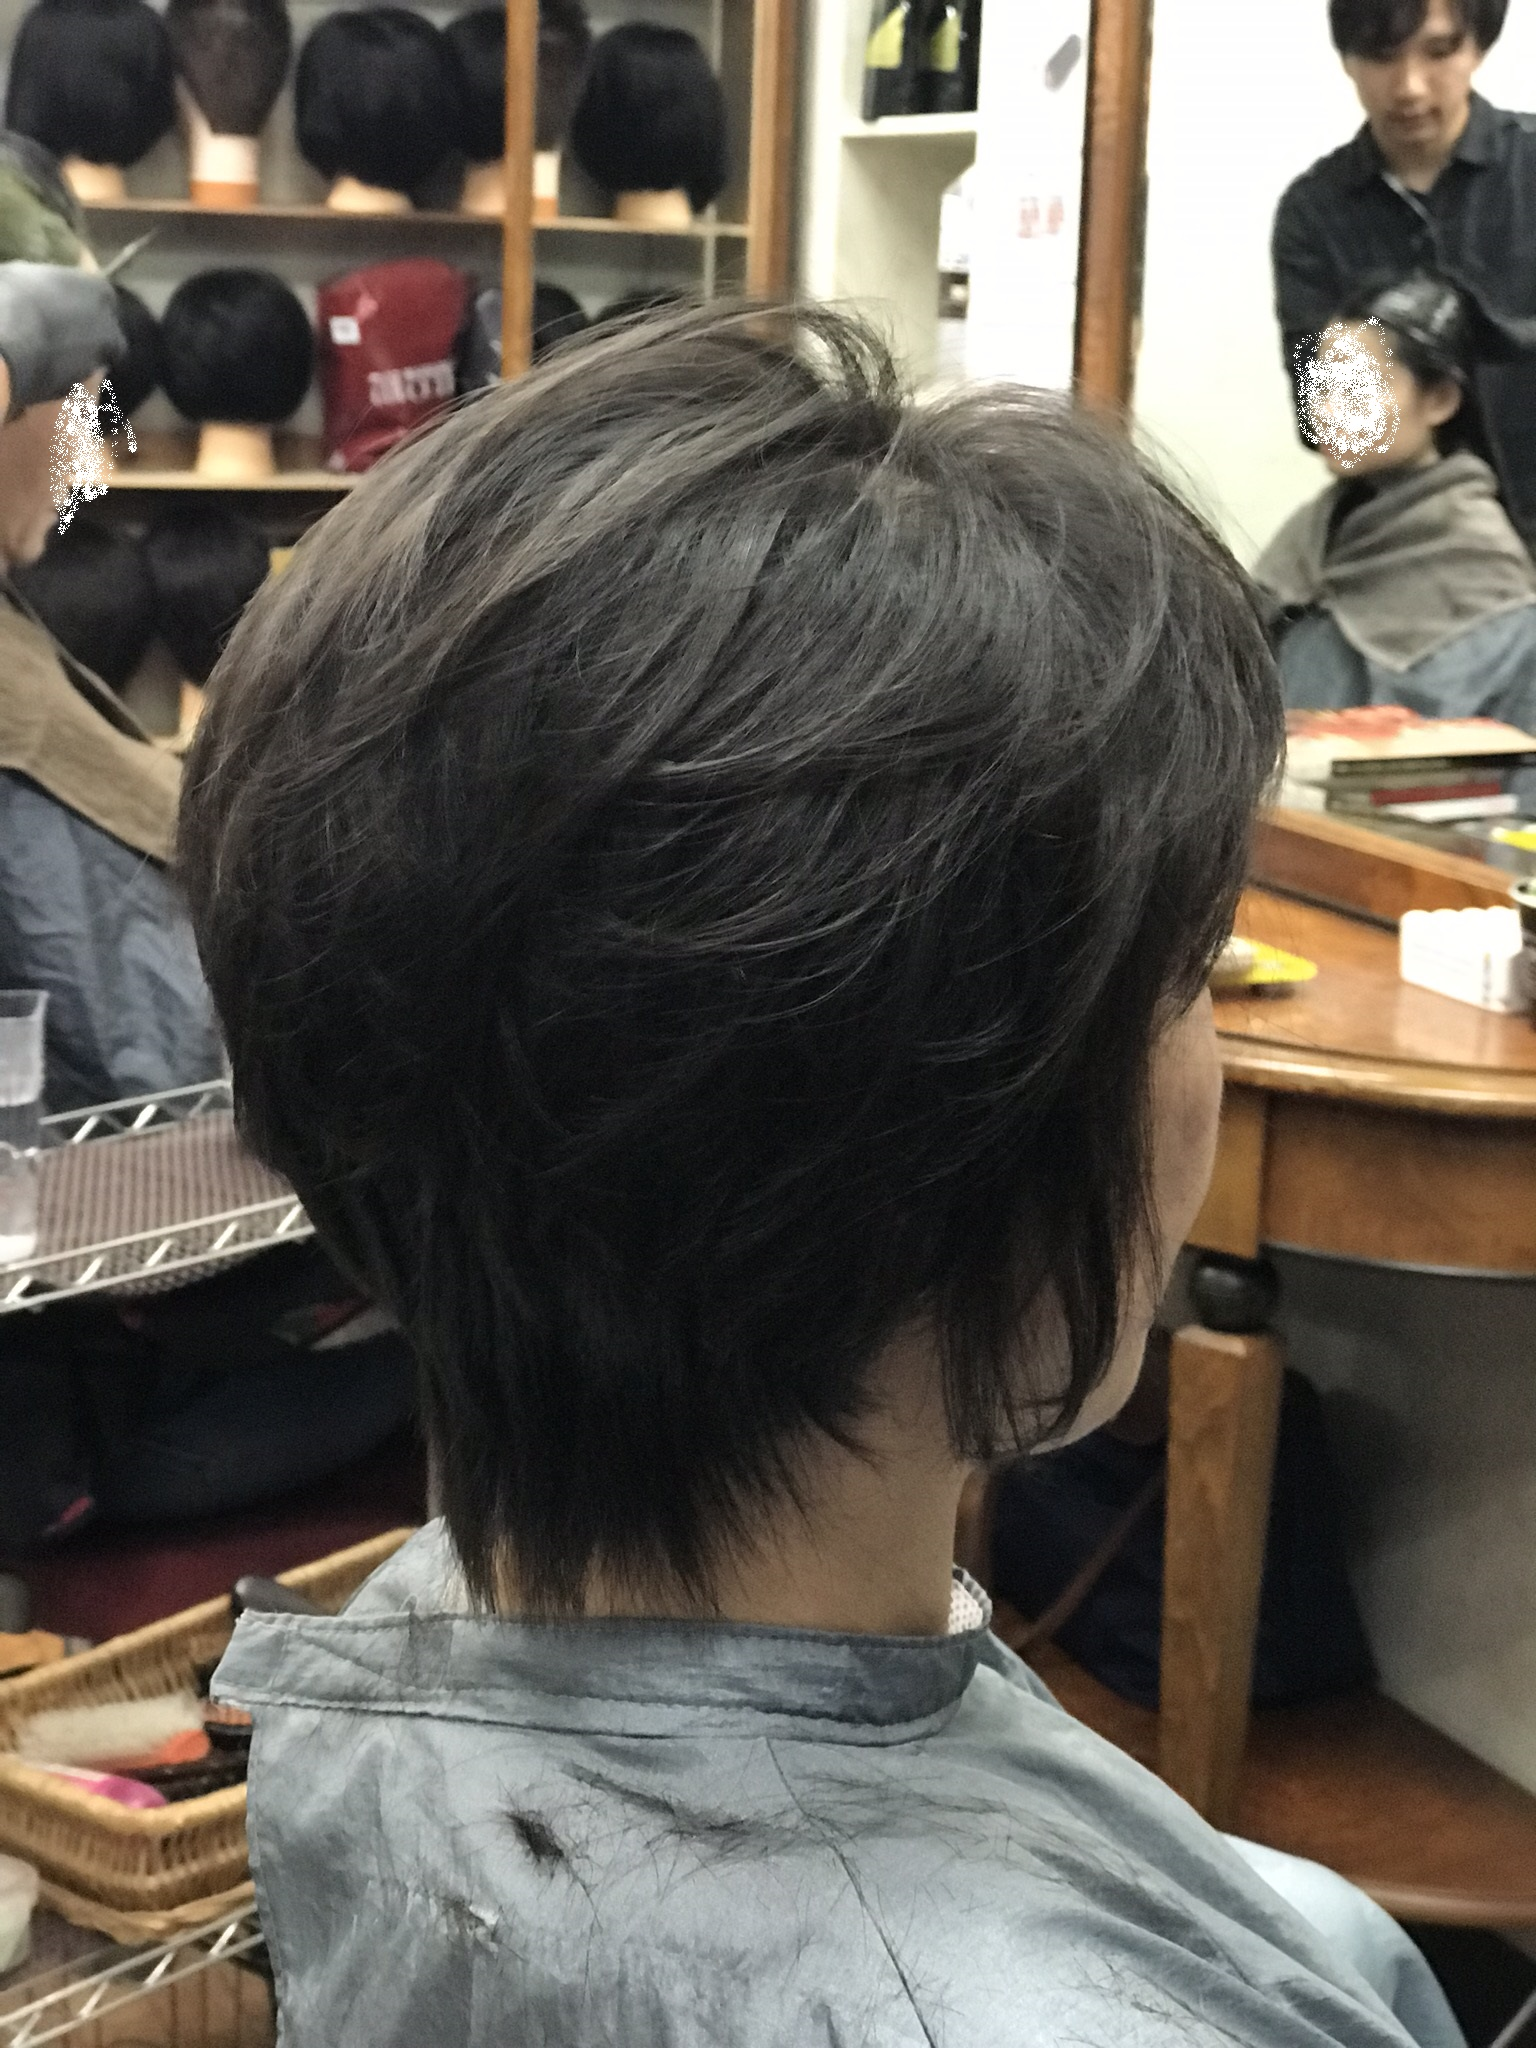 キュビズムカットはくせ毛と相性バツグンです